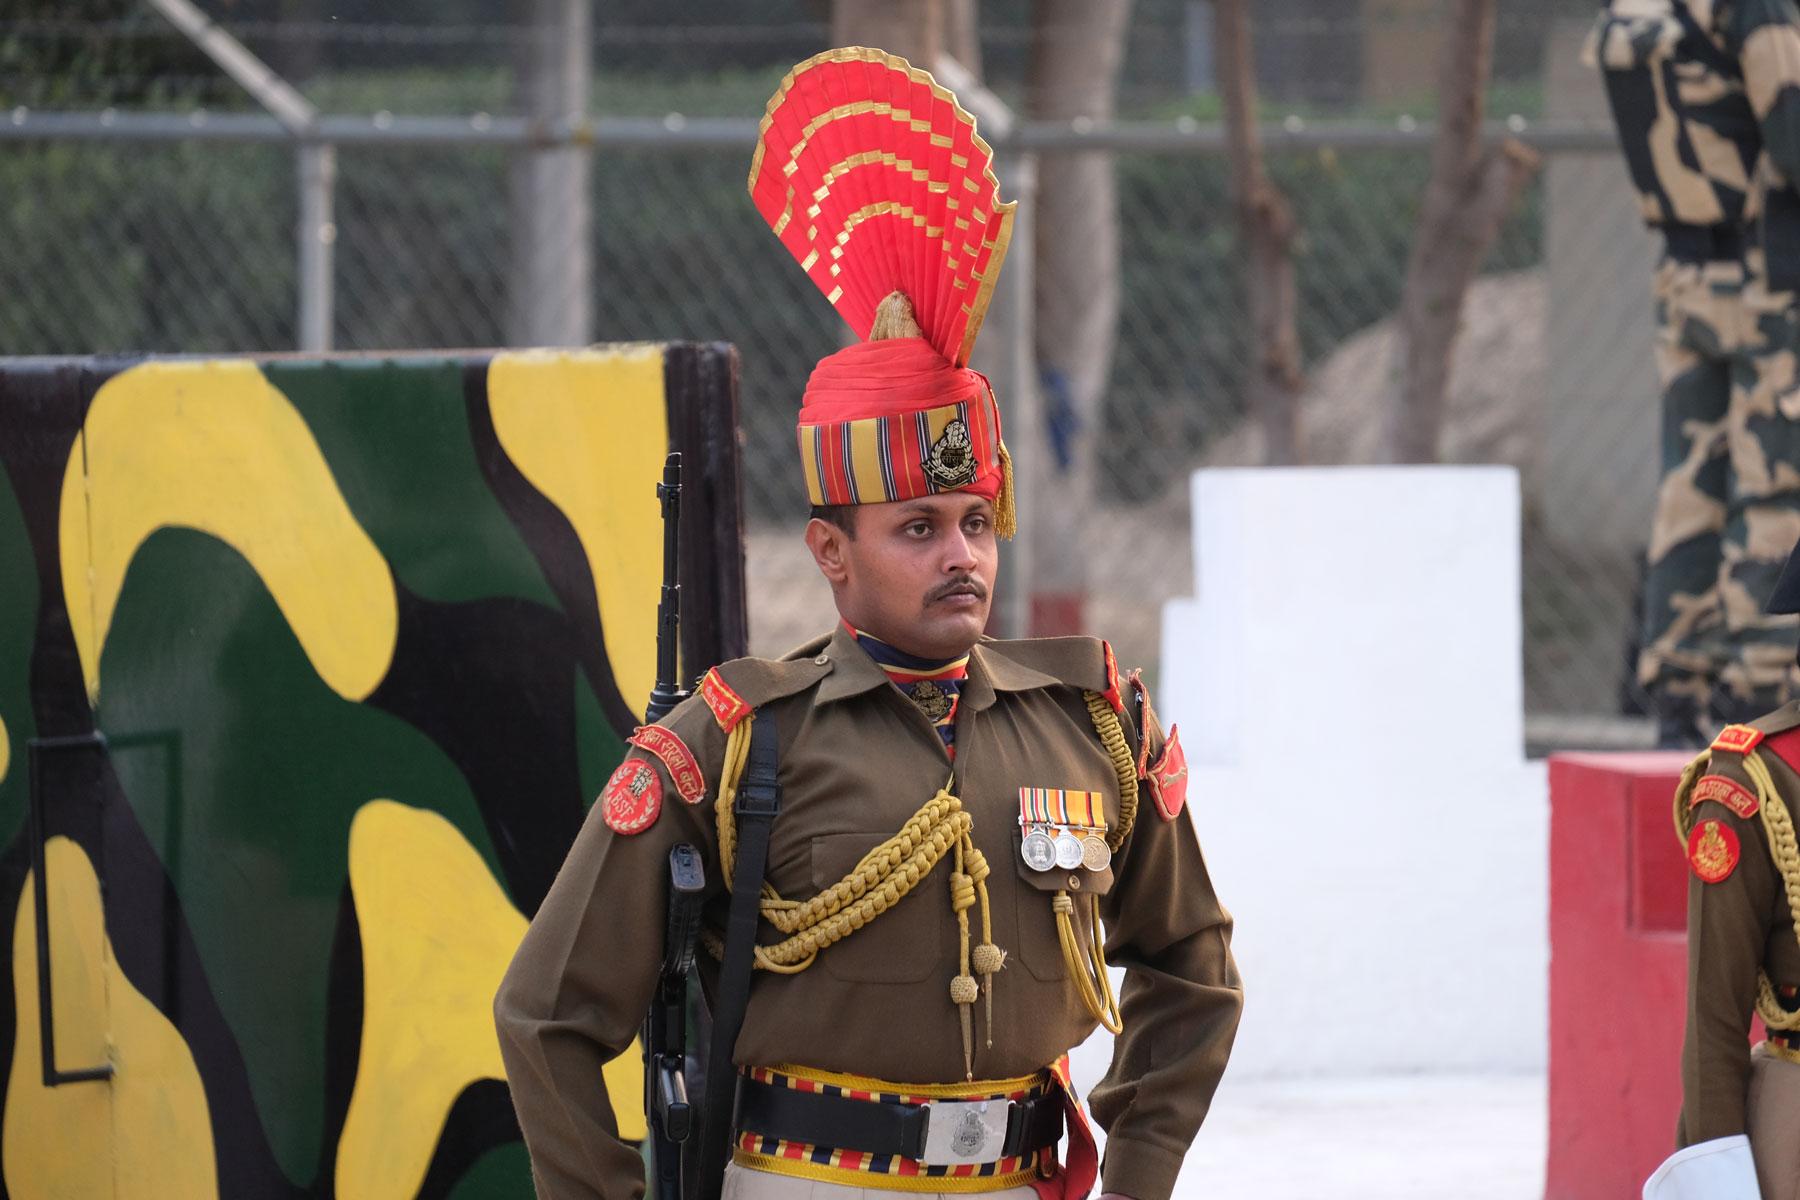 Ein indischer Soldat in prunkvoller Uniform.